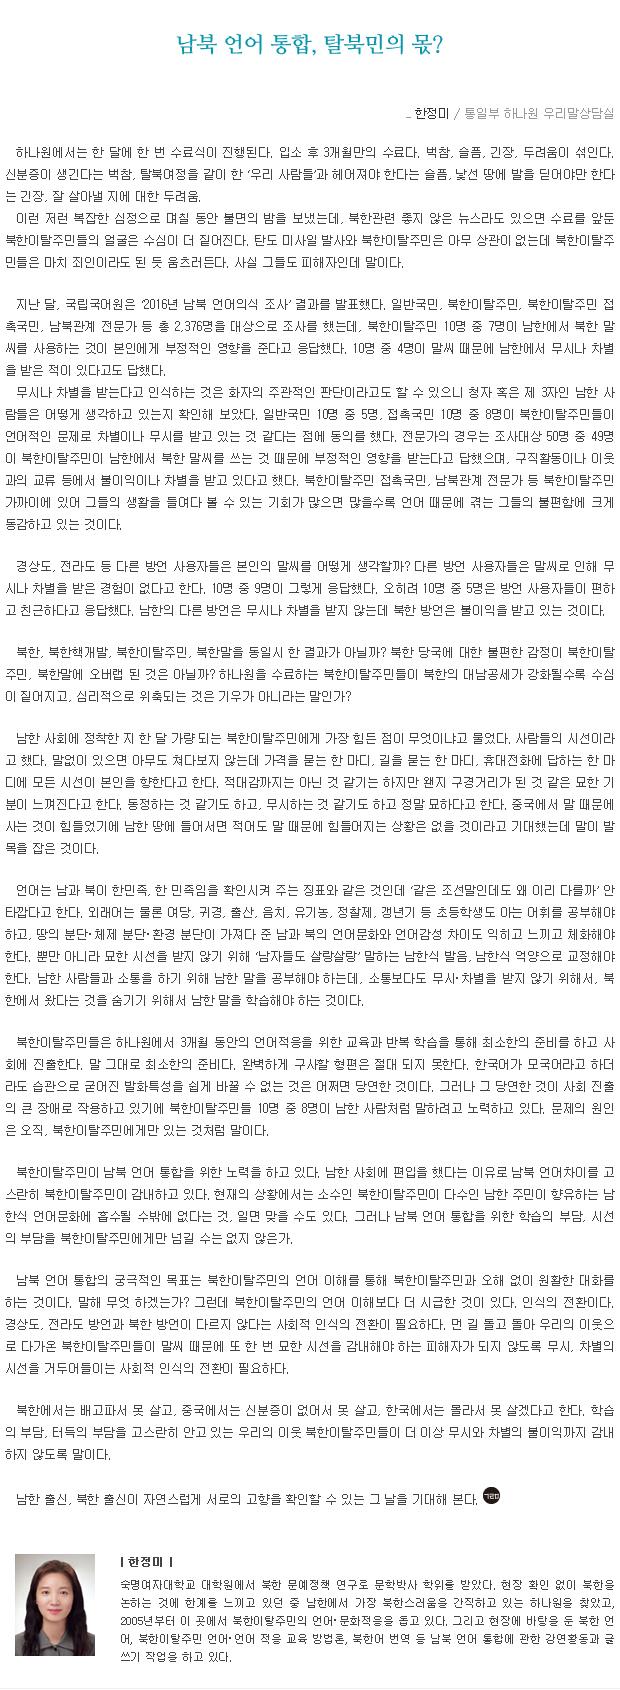 사본 -201703_겨레의창.jpg